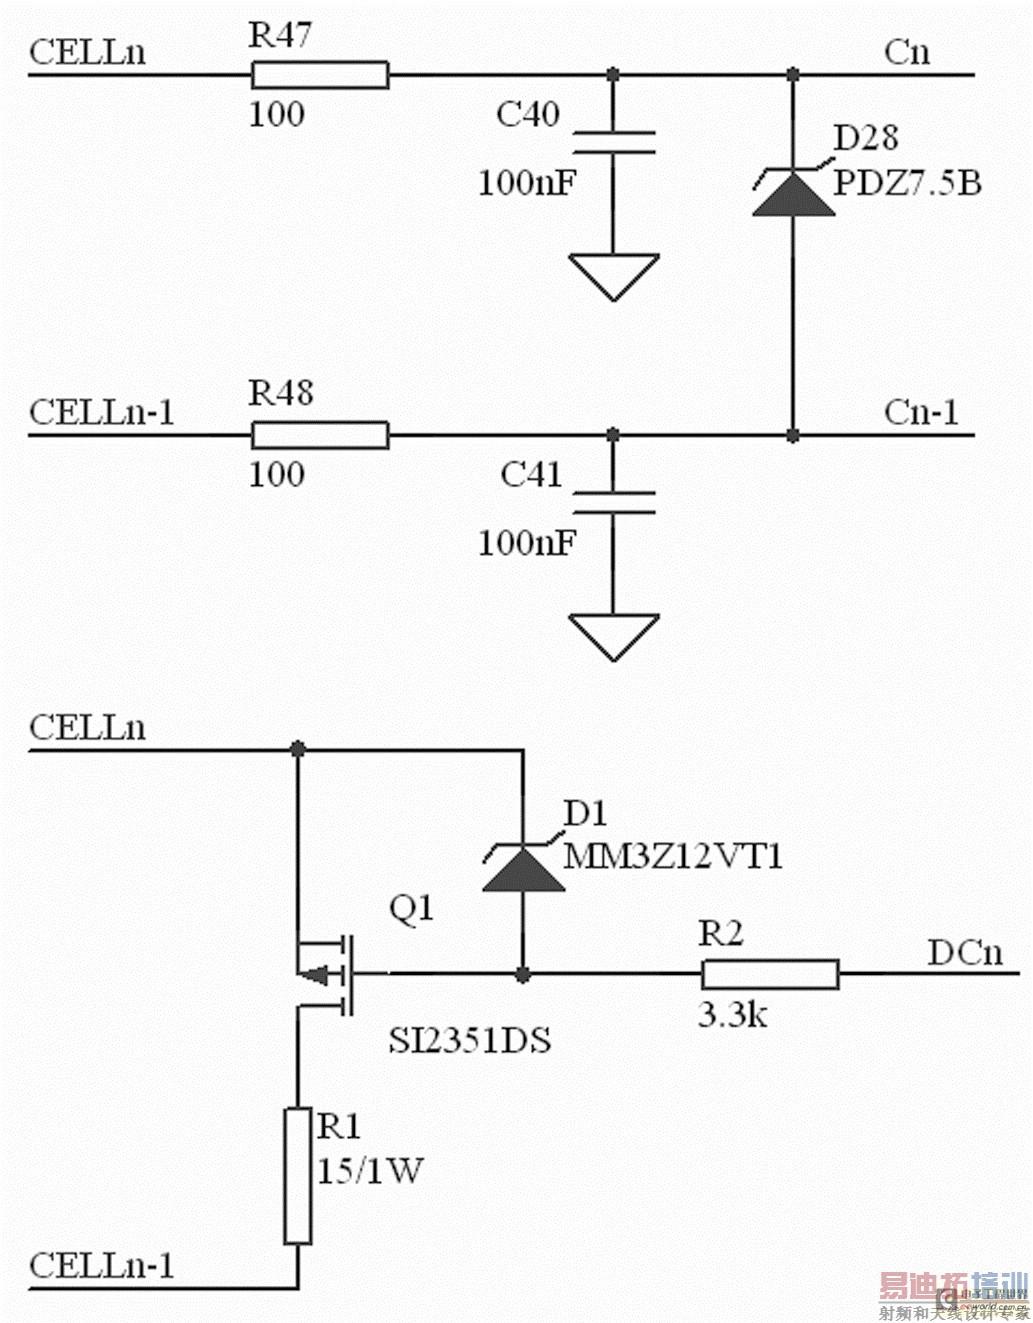 首先,设计中选取热敏电阻rt103 作为温度传感原件,将温度信号转换为电